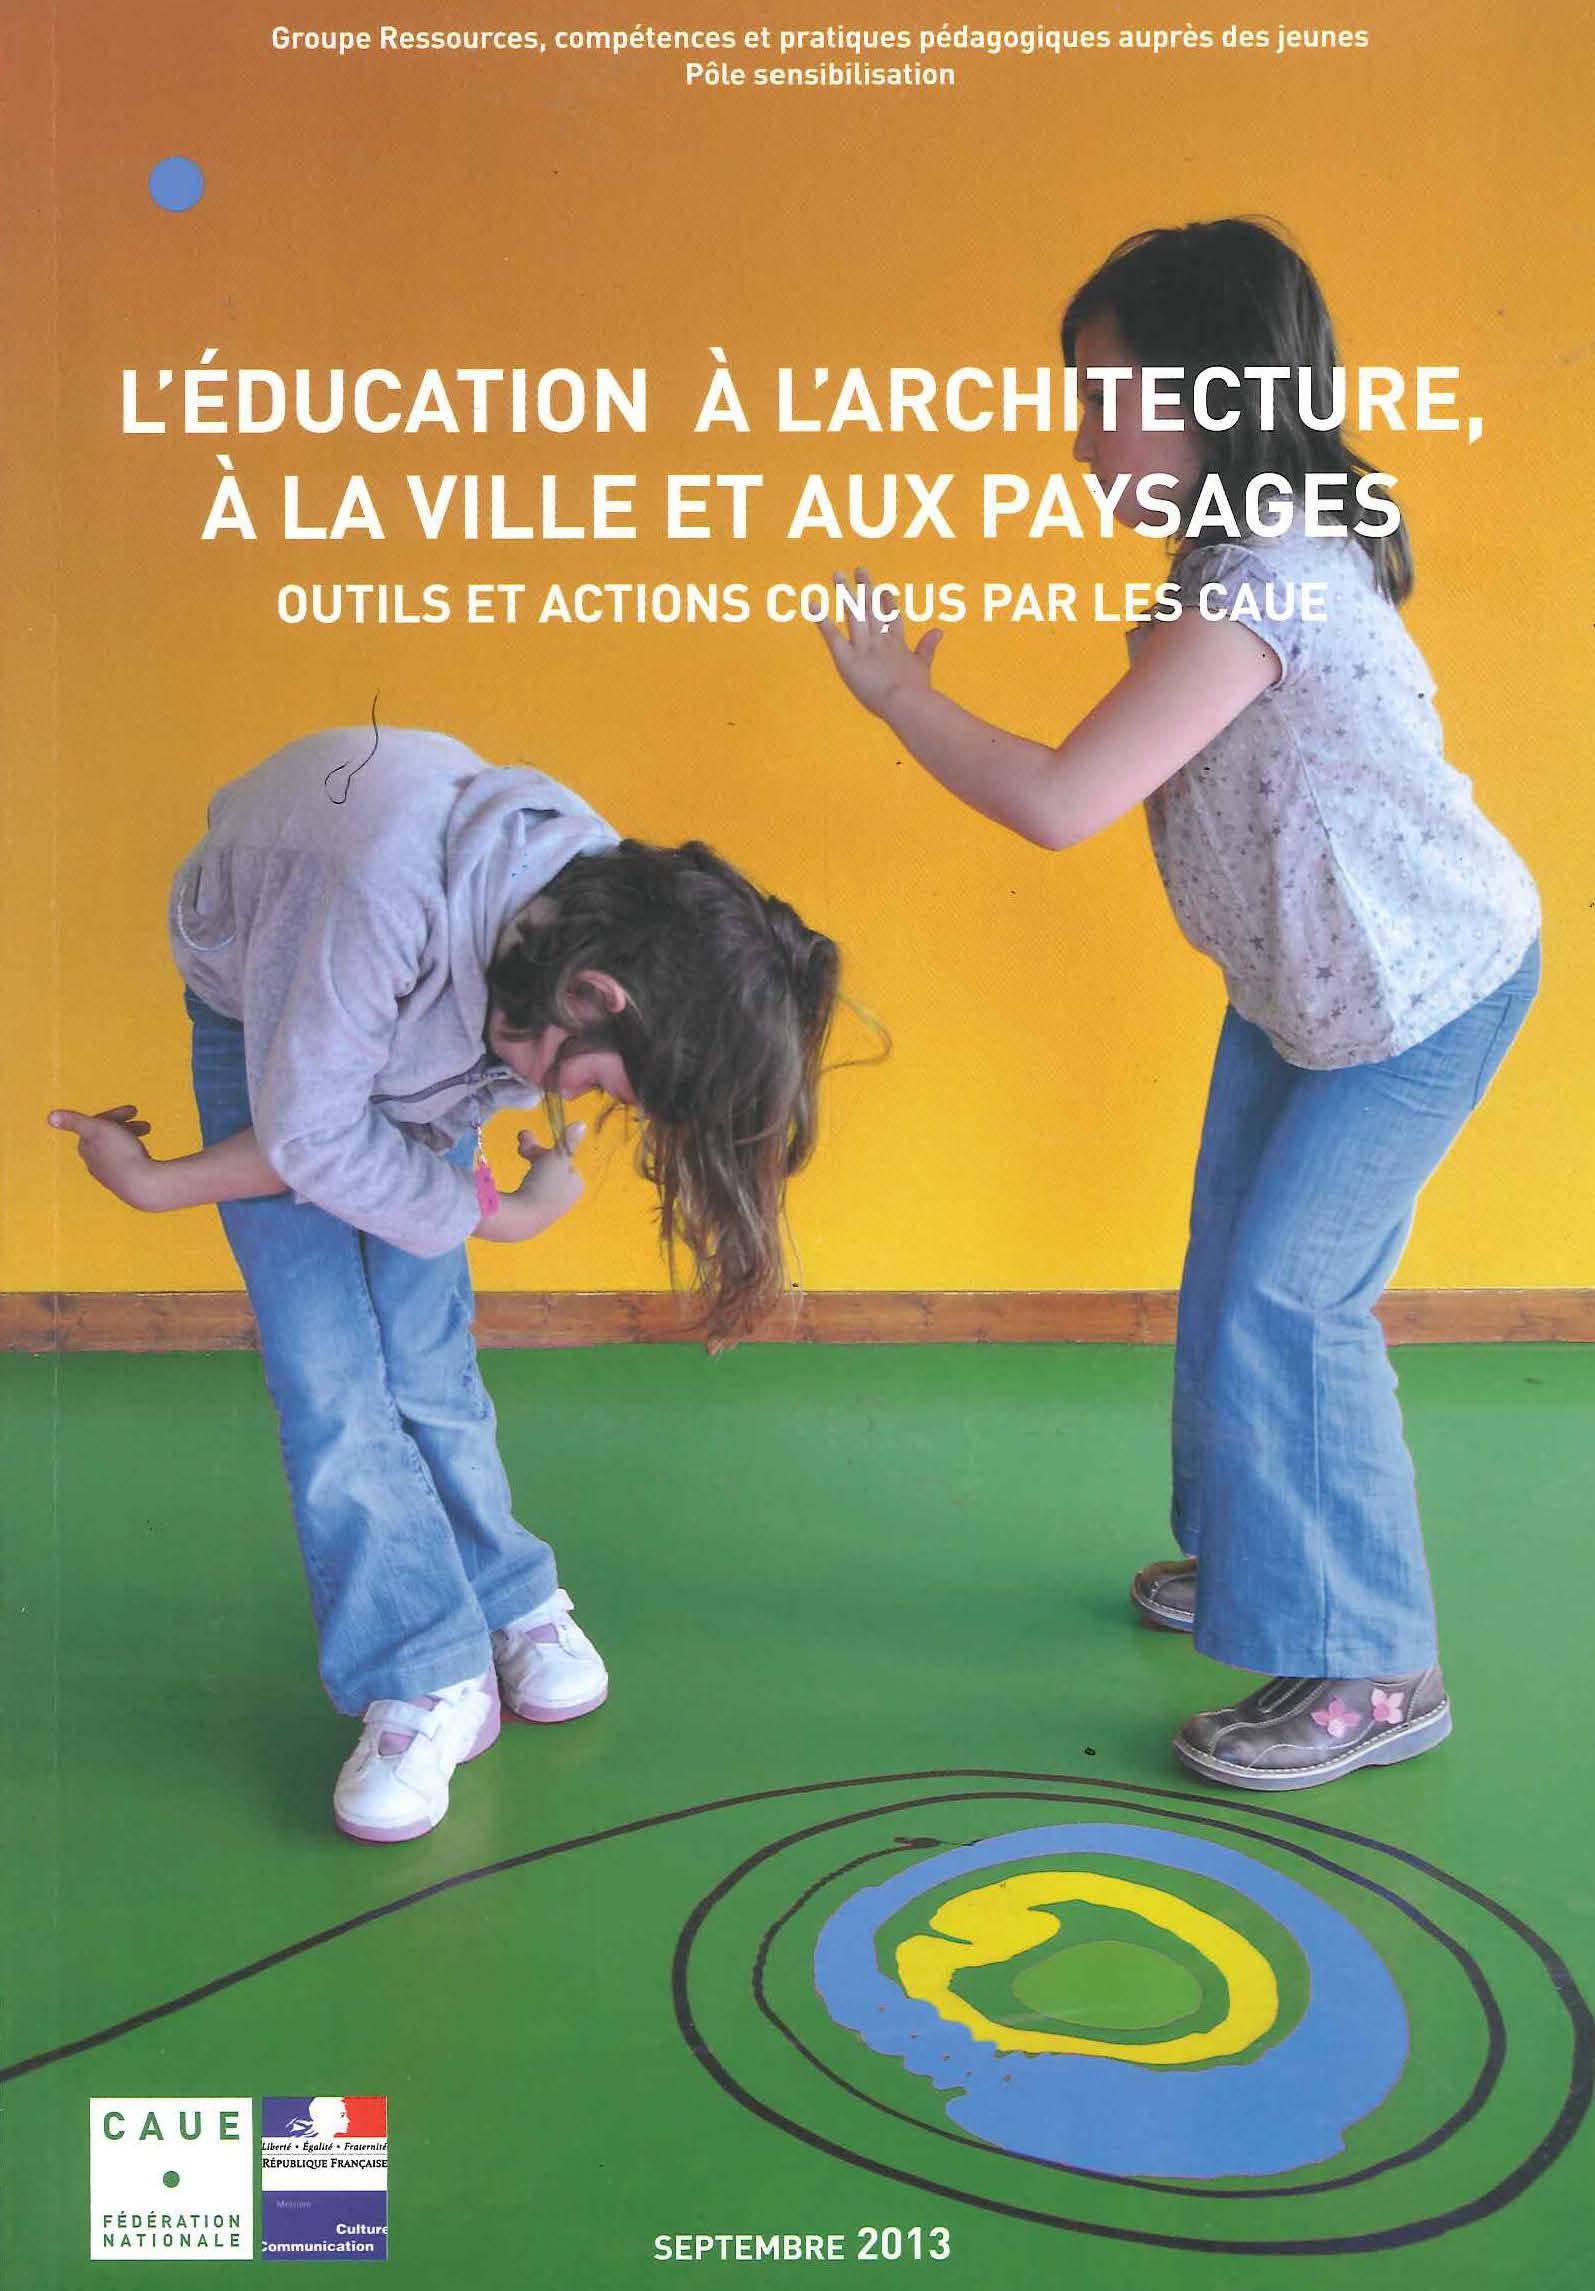 L'éducation à l'architecture à la ville et aux paysages